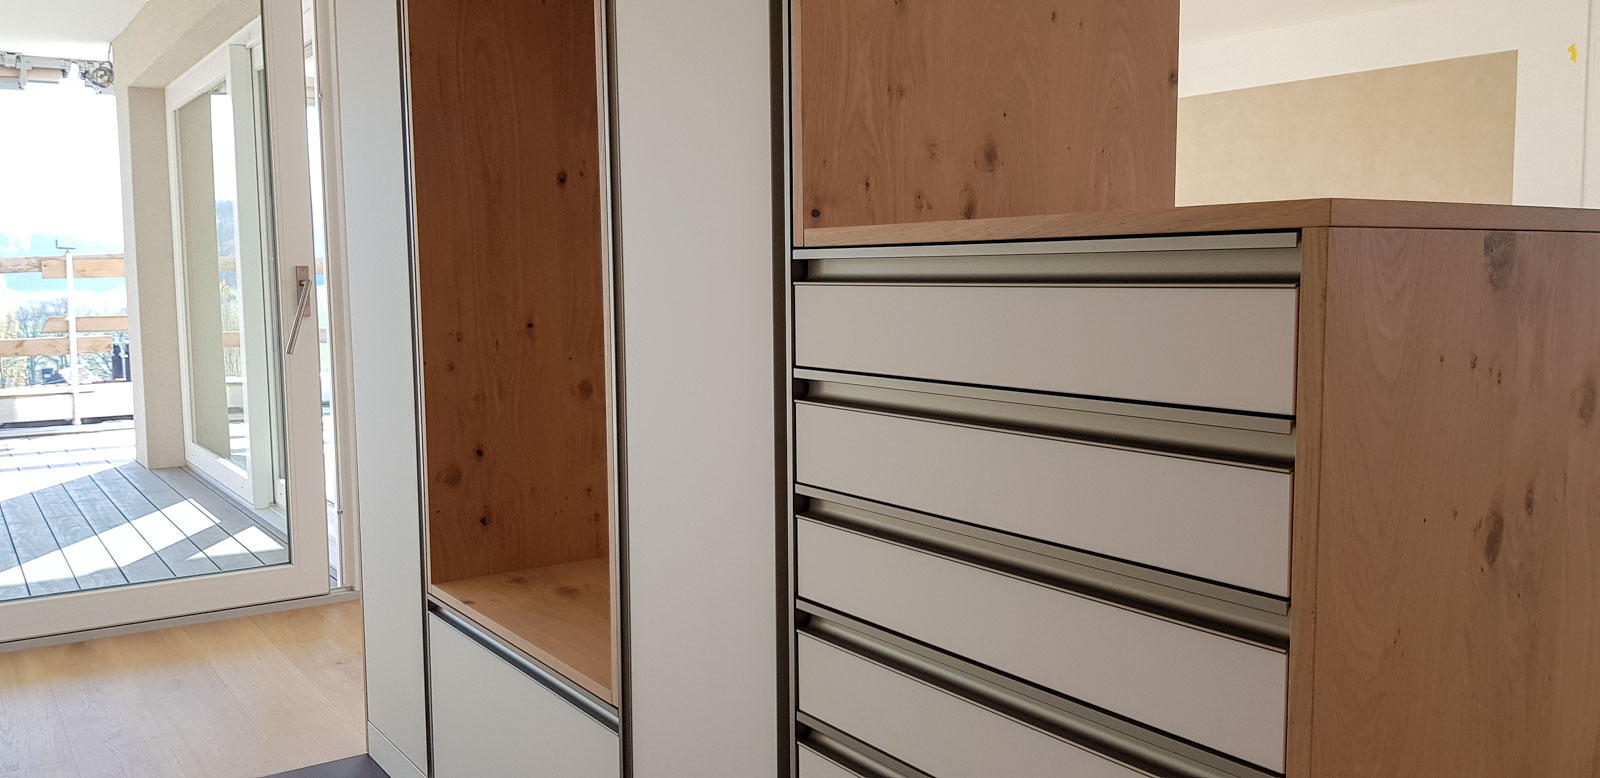 Wooddesign_Garderobe_Eiche furniert_Weisse Fronten_Schuhauszug_Schubladen_offene Gästegarderobe (2)